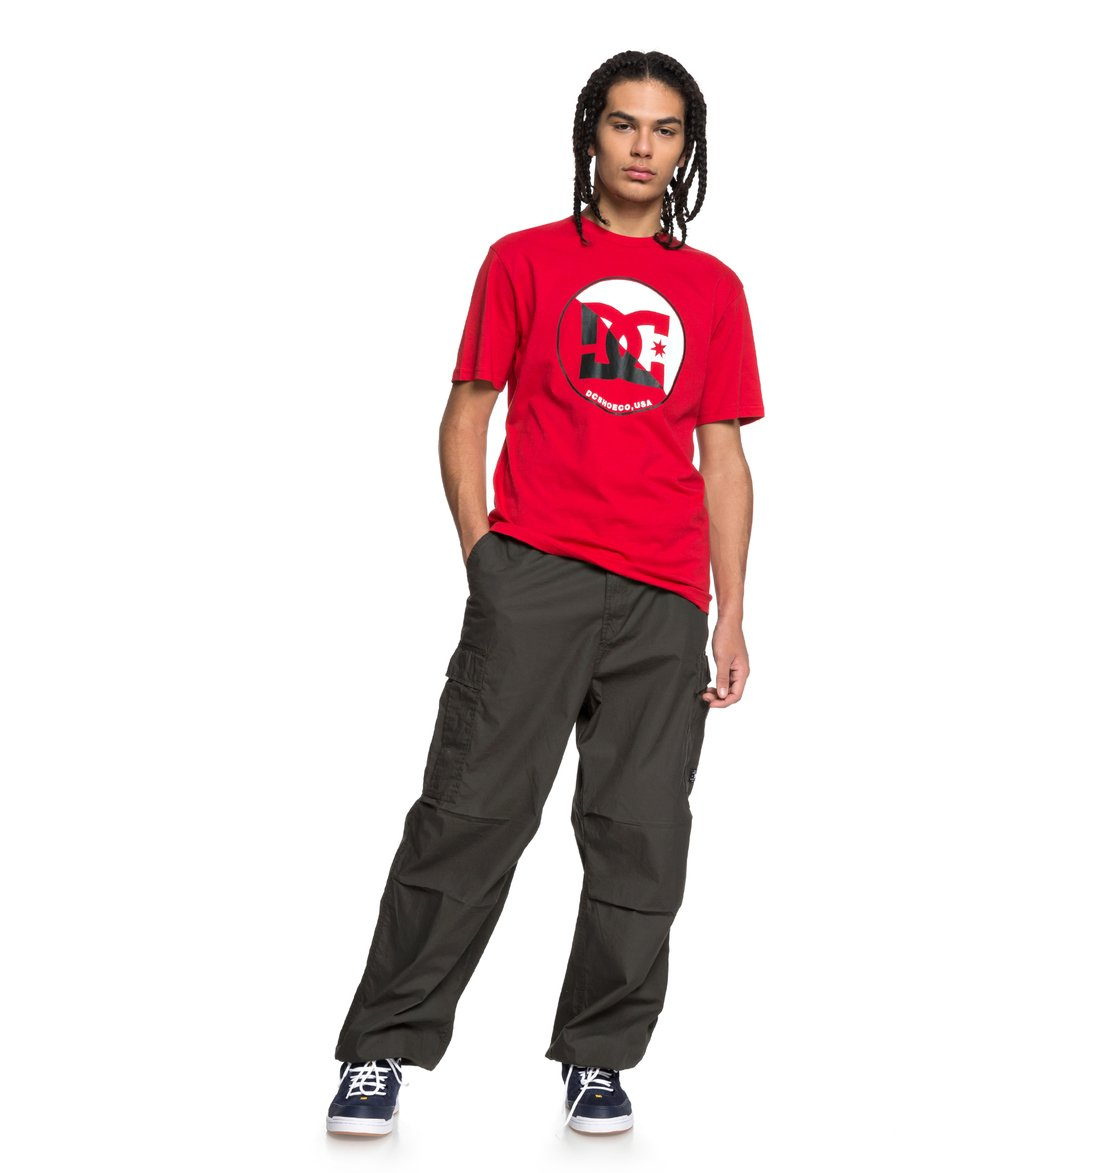 DC-Shoes-Up-Shore-Camiseta-Hombre-XS